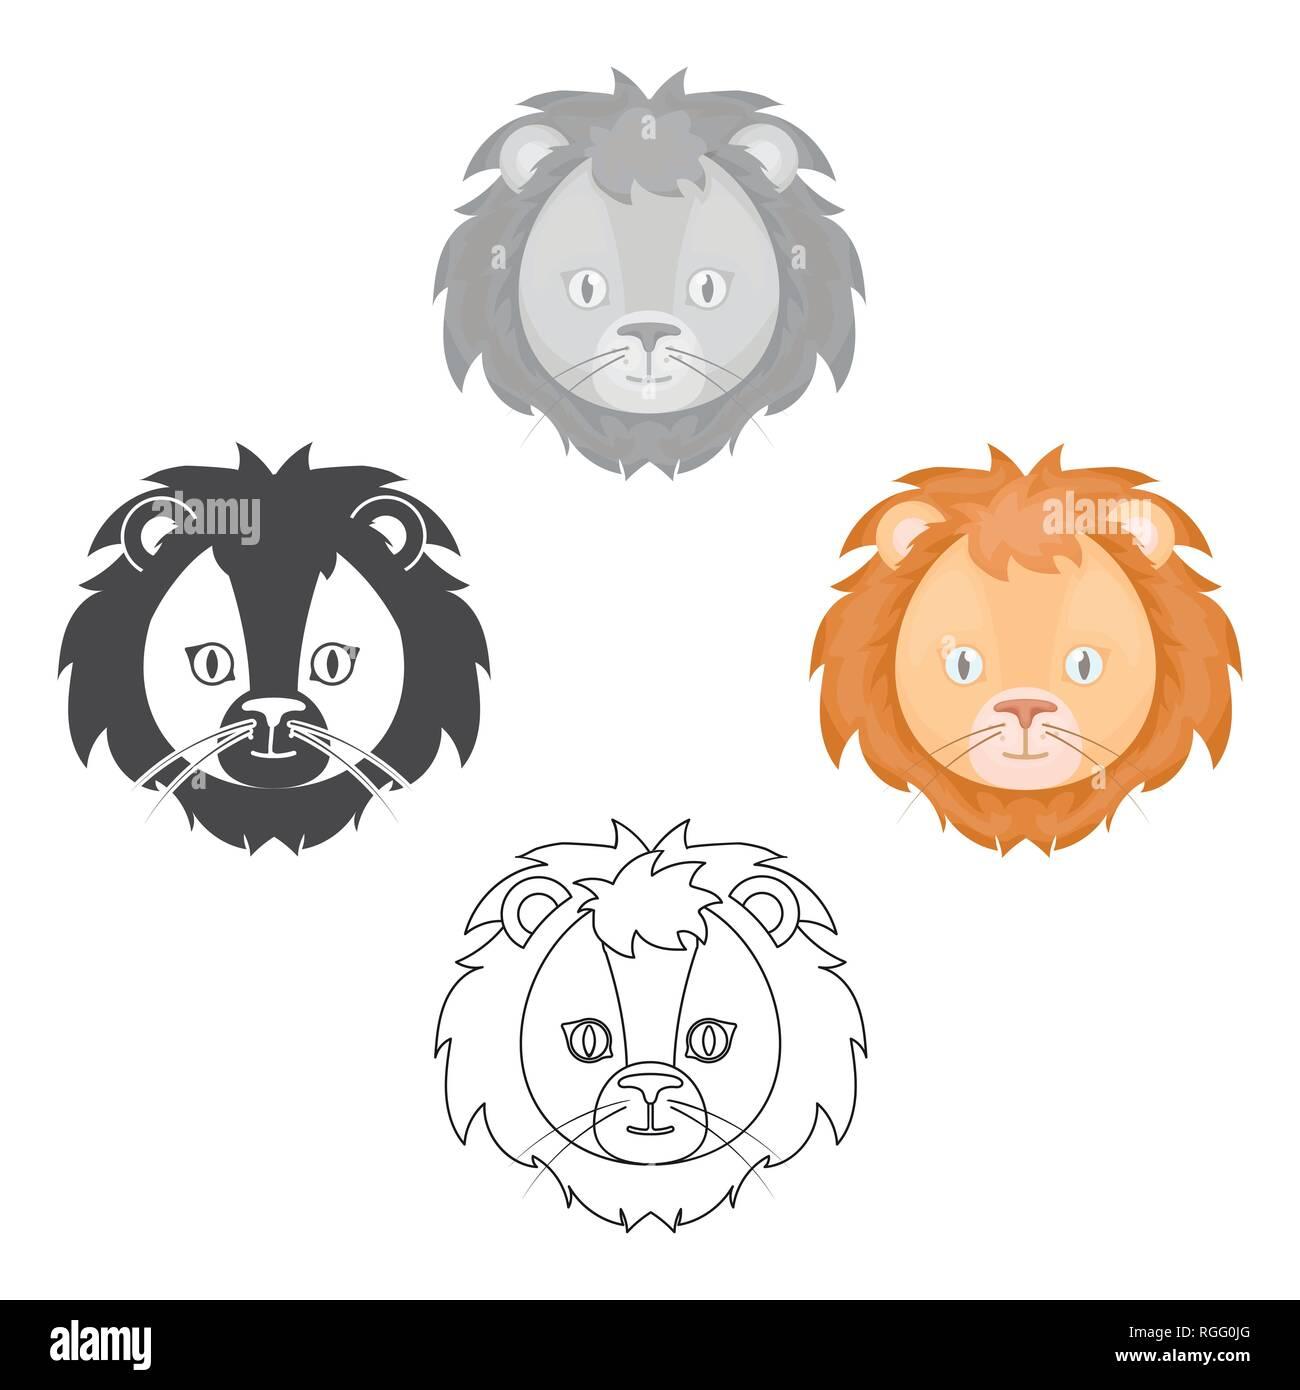 Lion Circus Cartoon Photos Lion Circus Cartoon Images Alamy